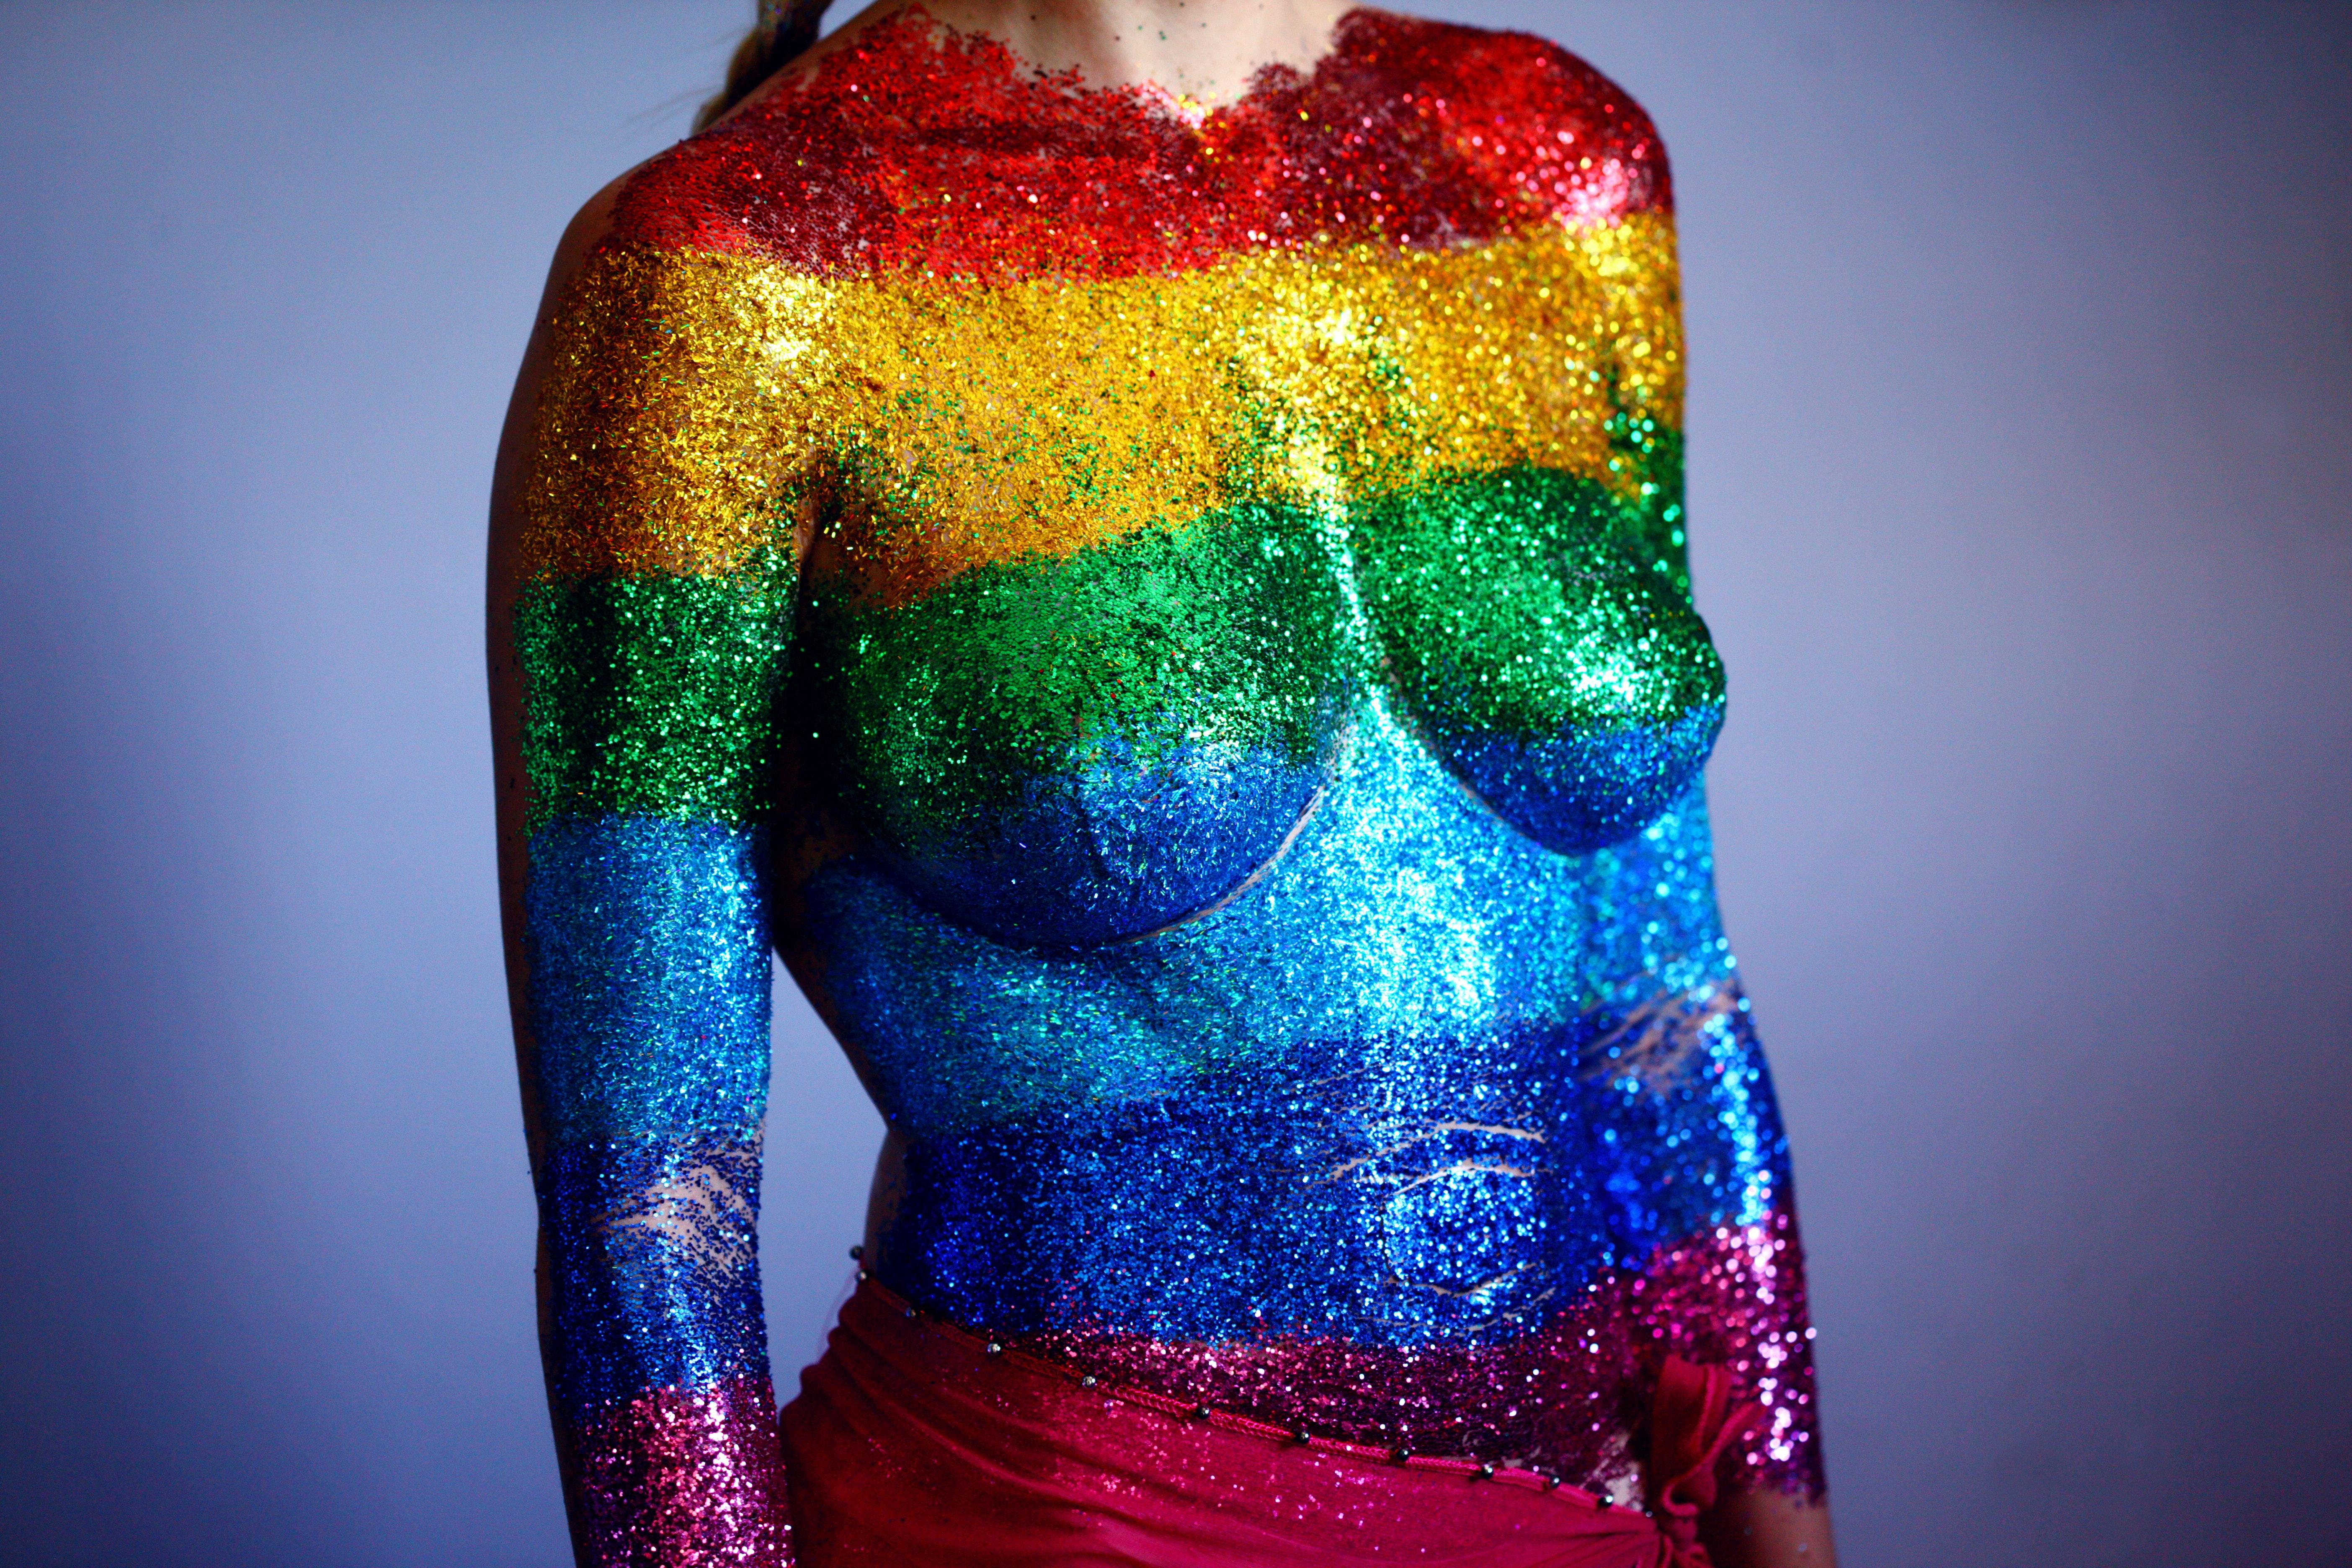 multicolored-glittered-top-1191668